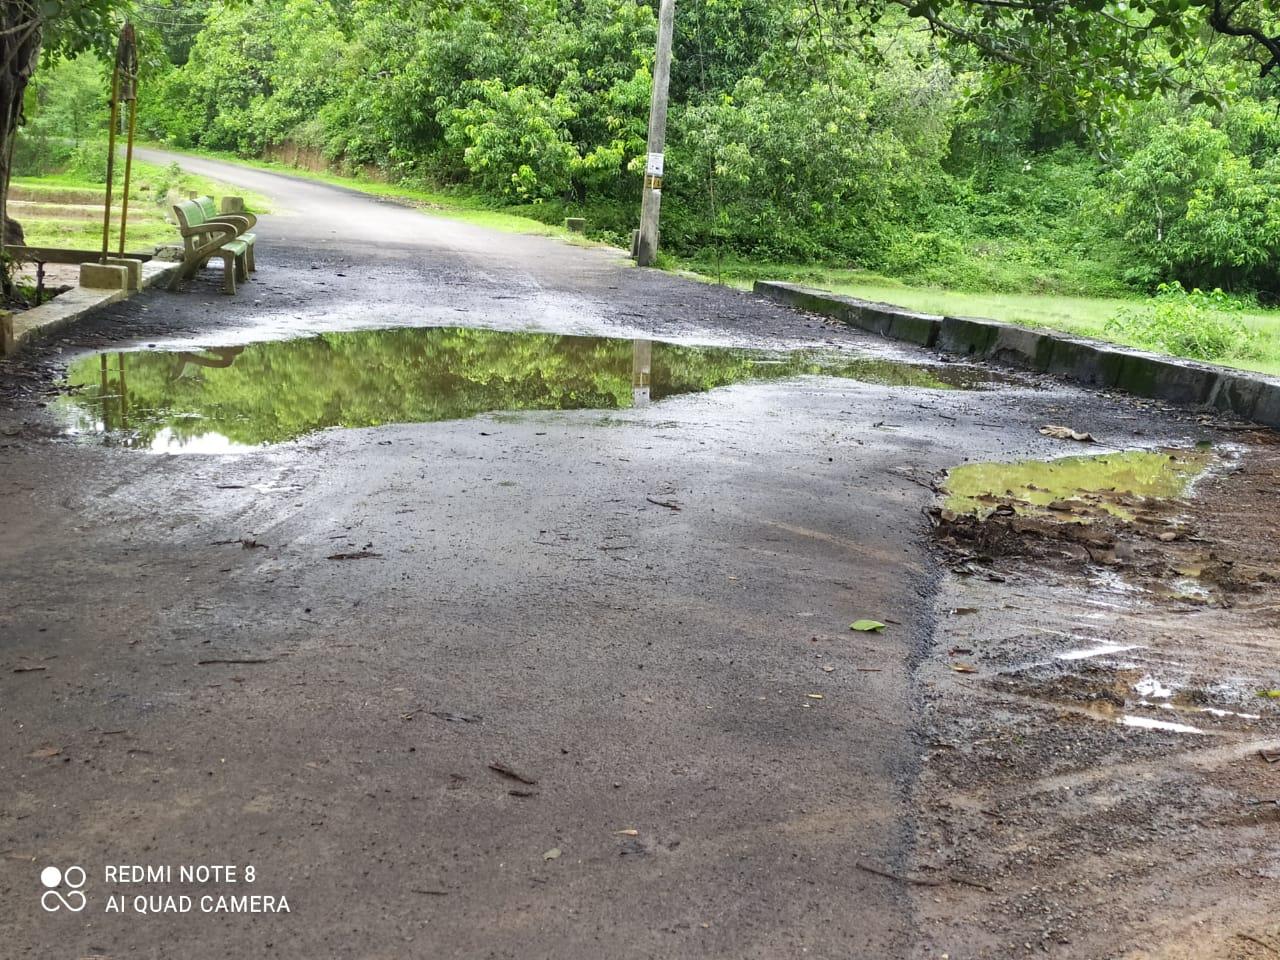 न्हावेलीतील रस्ता नियोजना अभावी निकृष्ट दर्जाचा